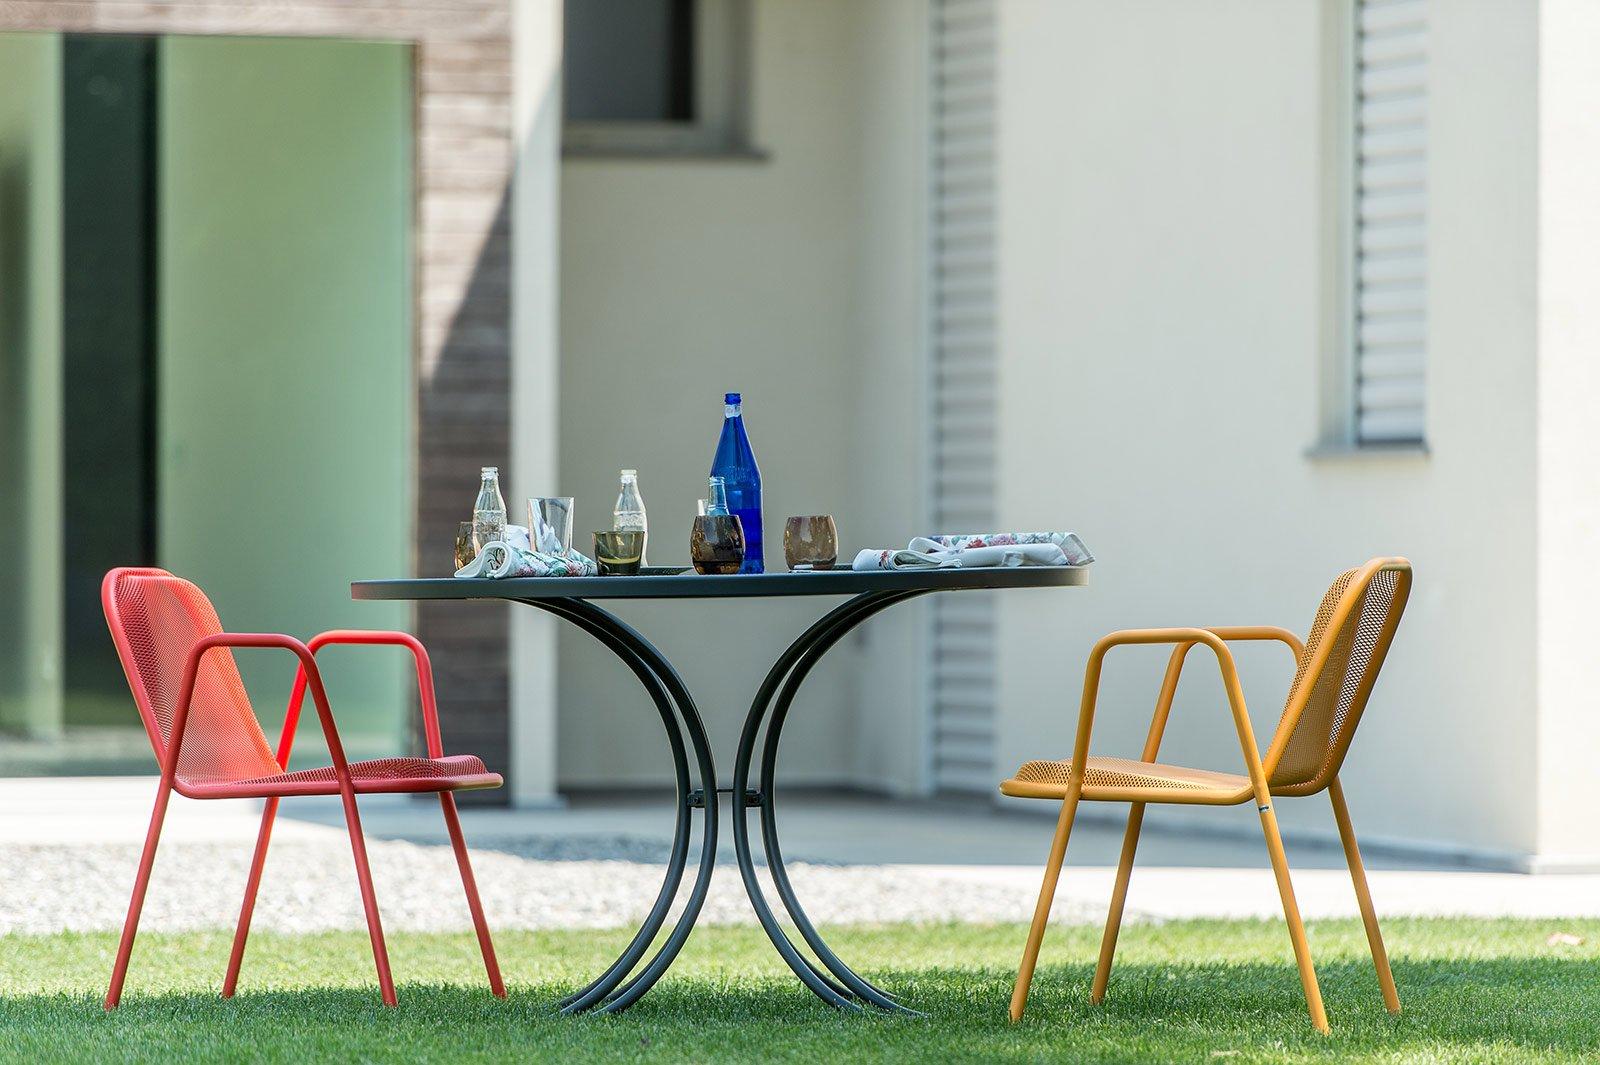 Tavoli da giardino in legno milano : tavoli da esterno in legno ...